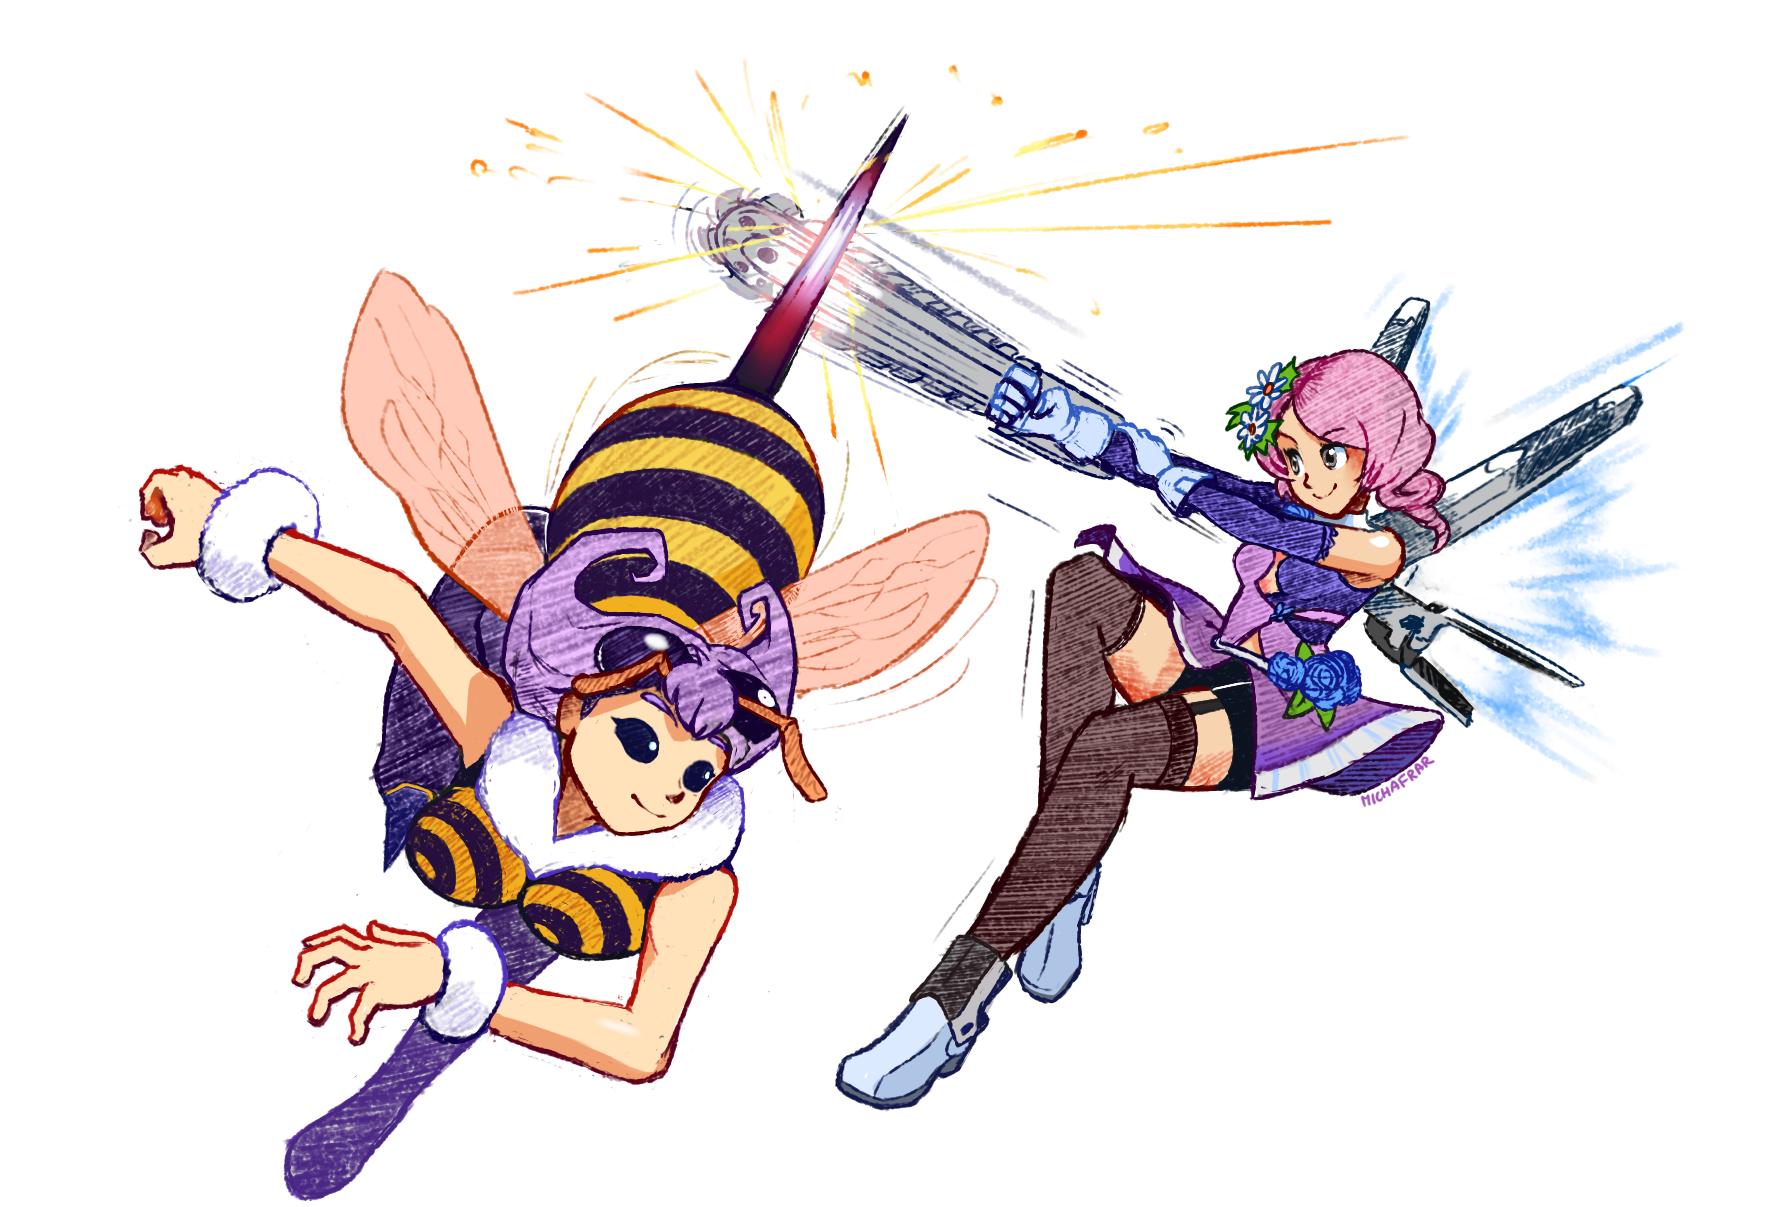 Q-bee & Alisa [Tekken x Darkstalkers]